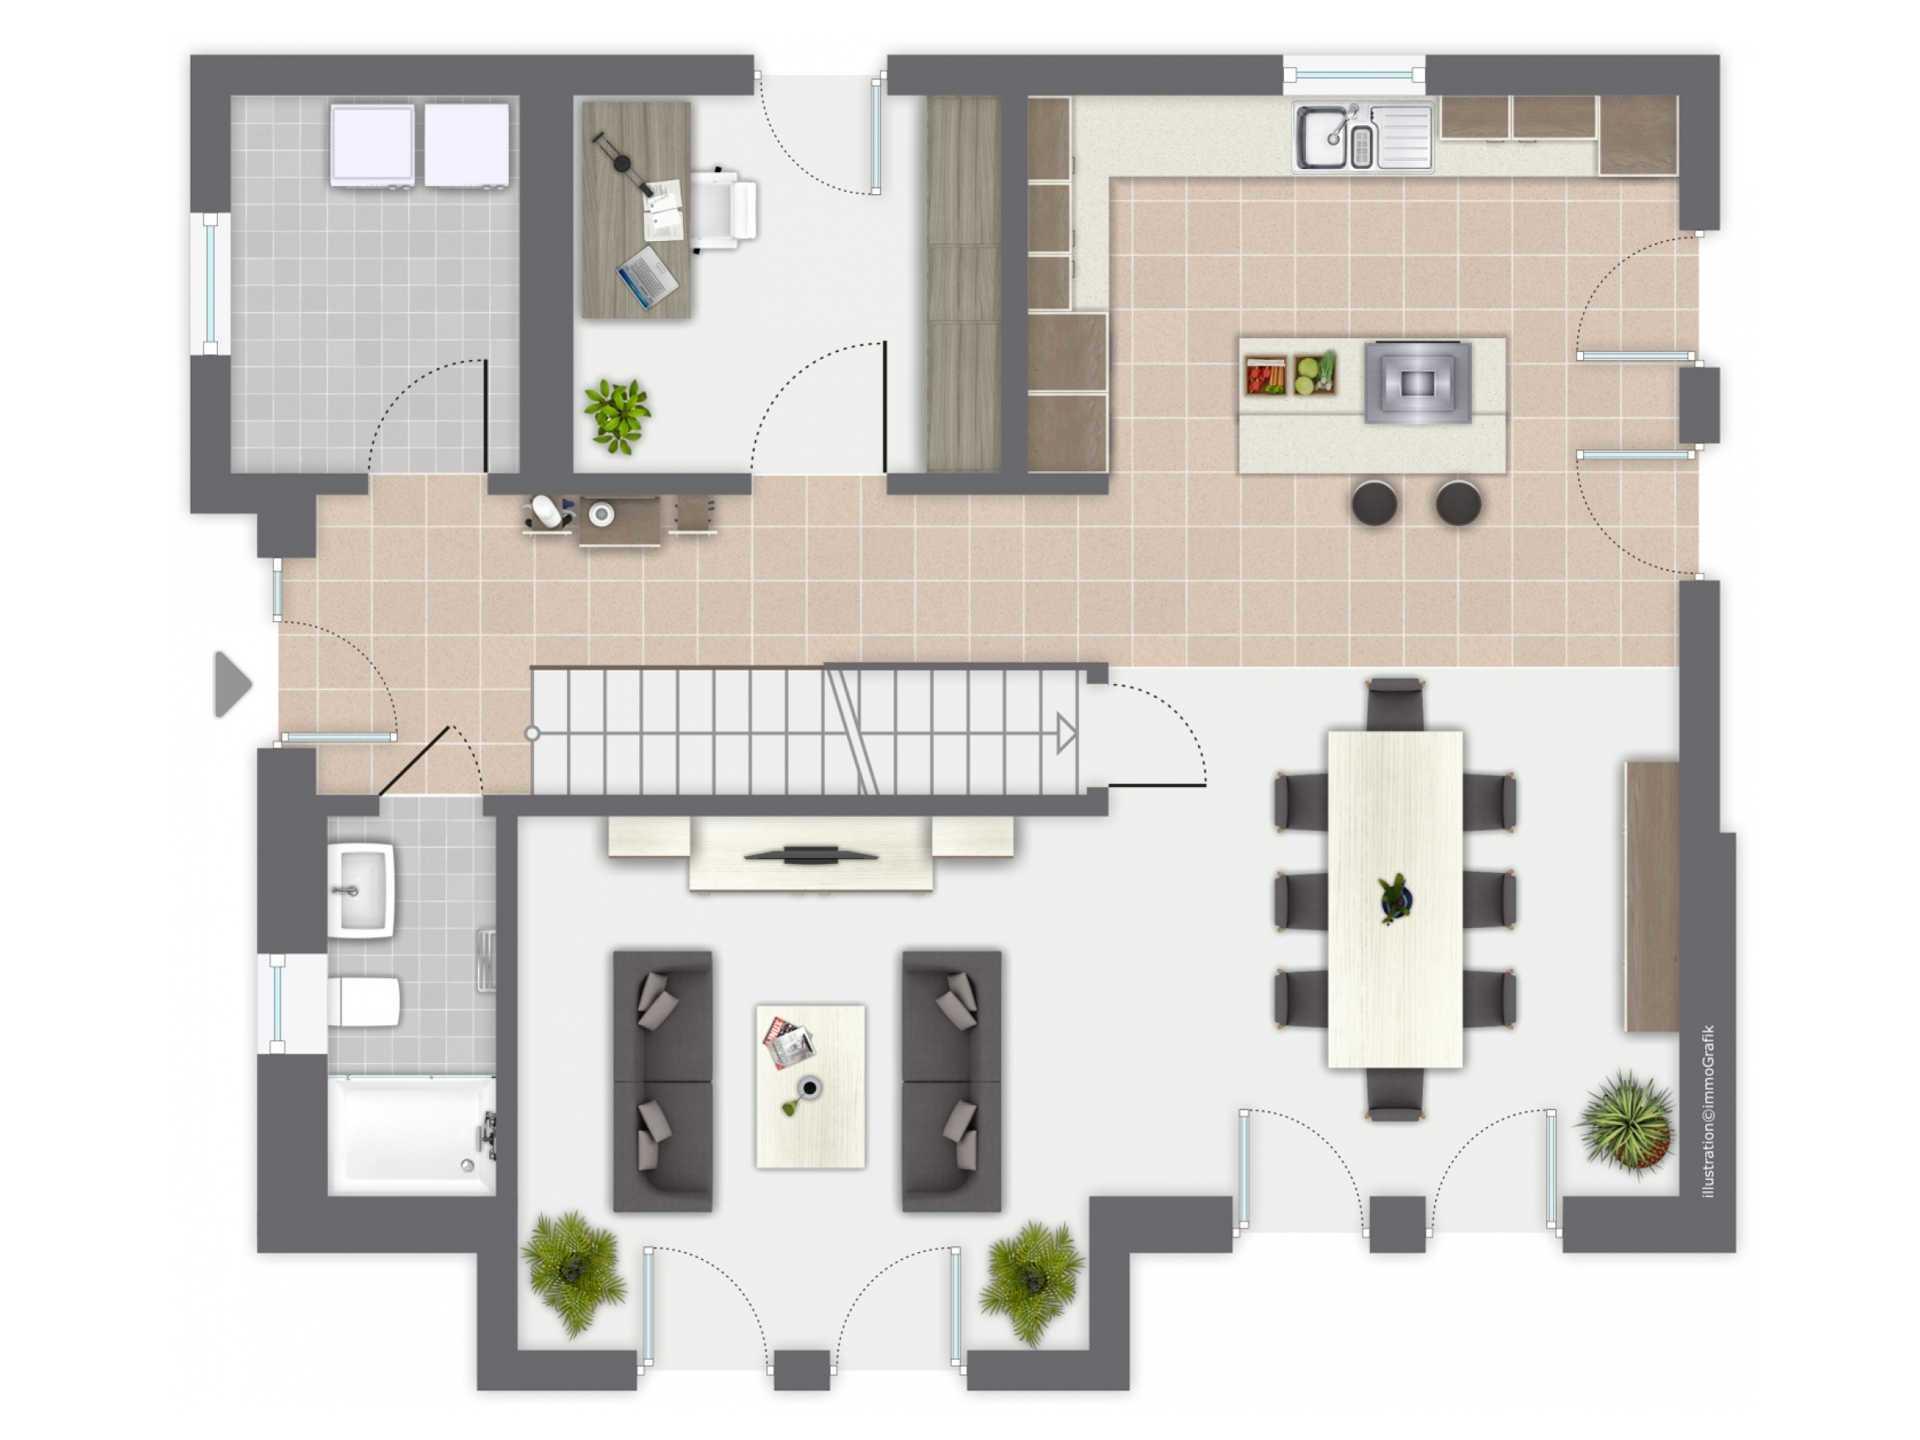 musterhaus madeleine gussek haus. Black Bedroom Furniture Sets. Home Design Ideas